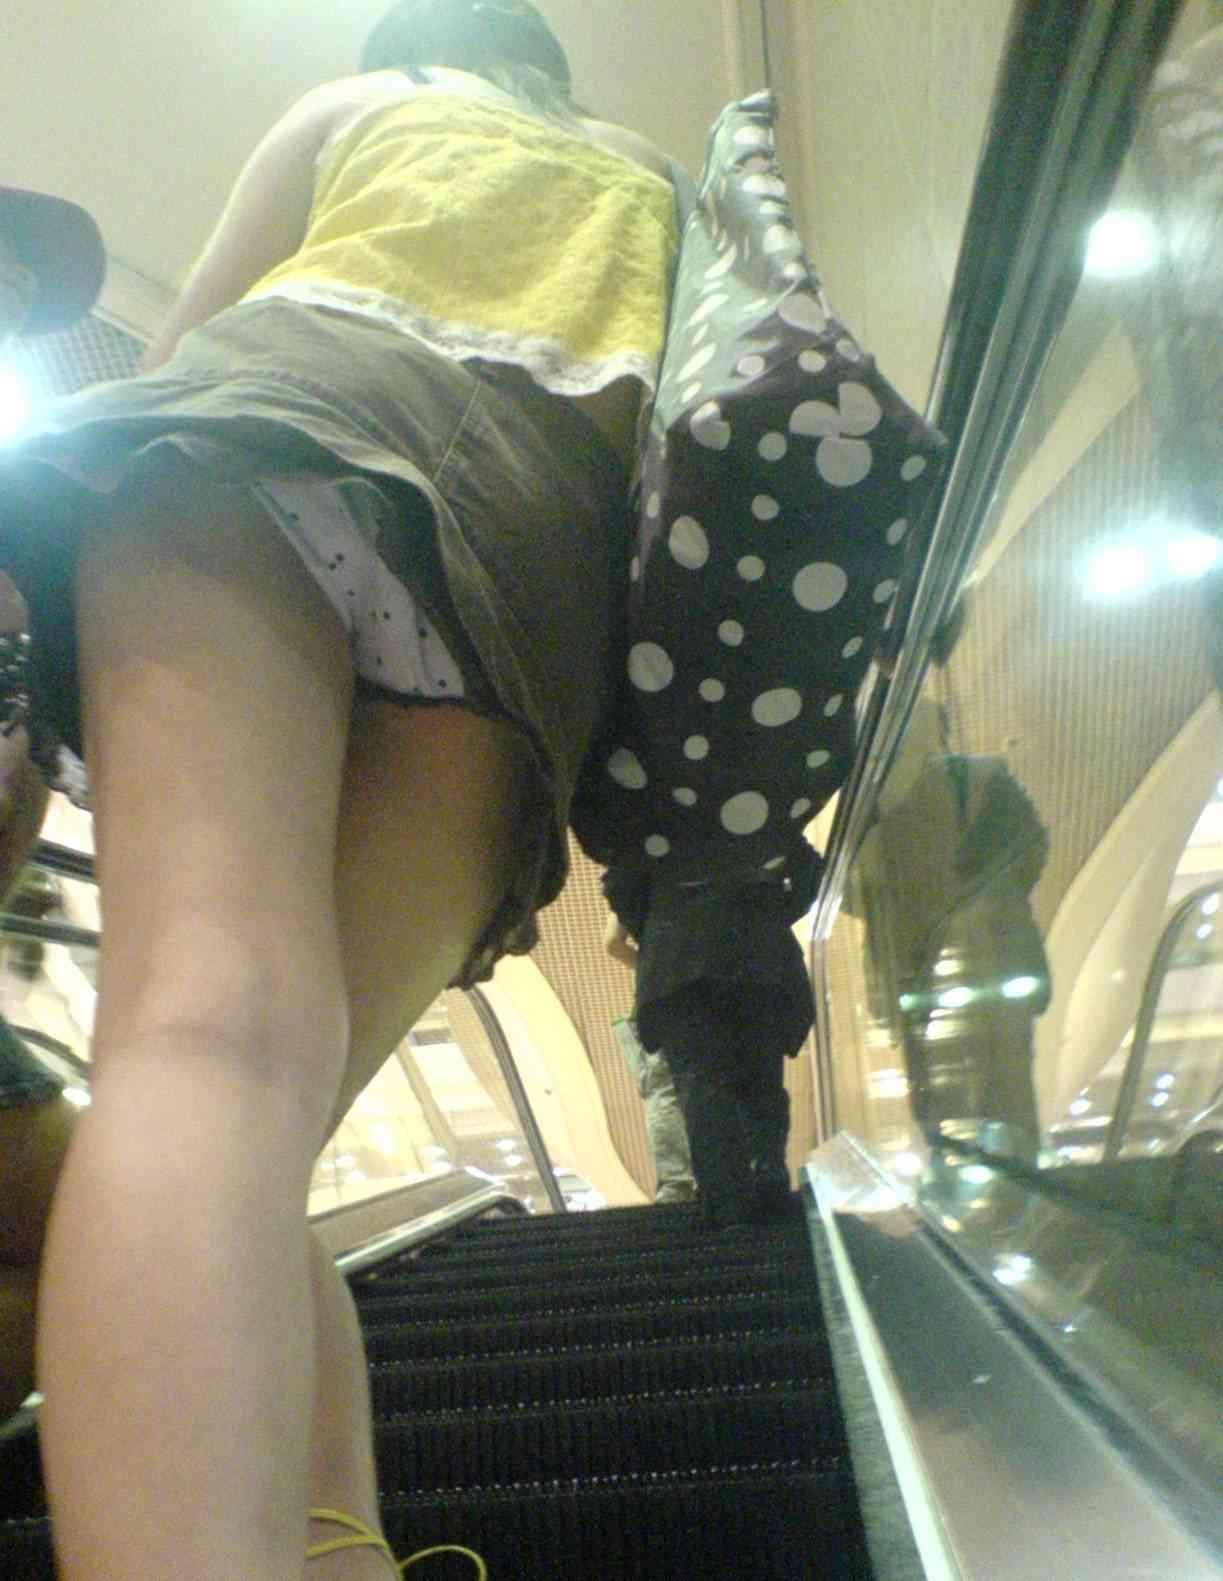 上り階段で素人ギャルのお尻に食い込むパンツを激写した街撮りエロ画像 1067